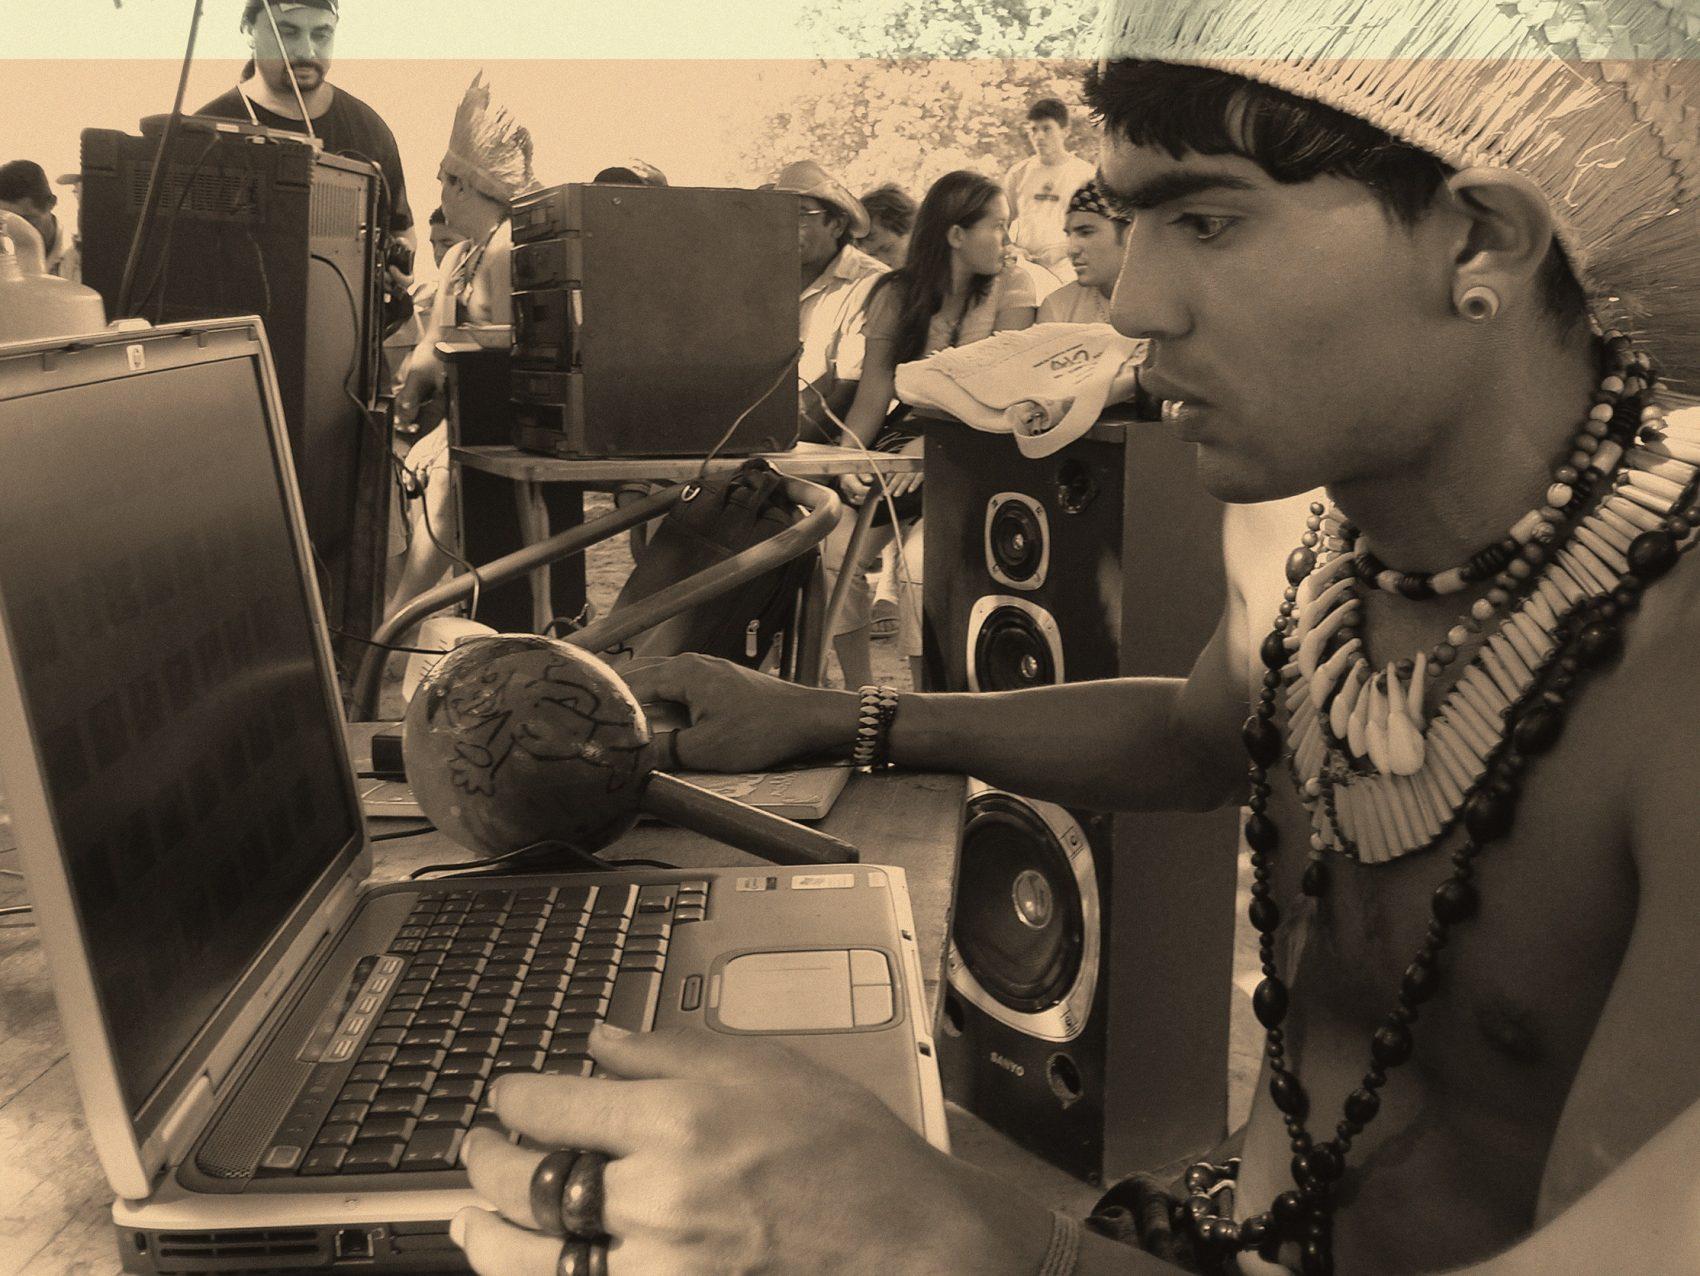 Weibe Tapeba, coordenador da Coordenação das Organizações e Povos Indígenas do Ceará/COPICE (Foto: Joceny Pinheiro/divulgação)